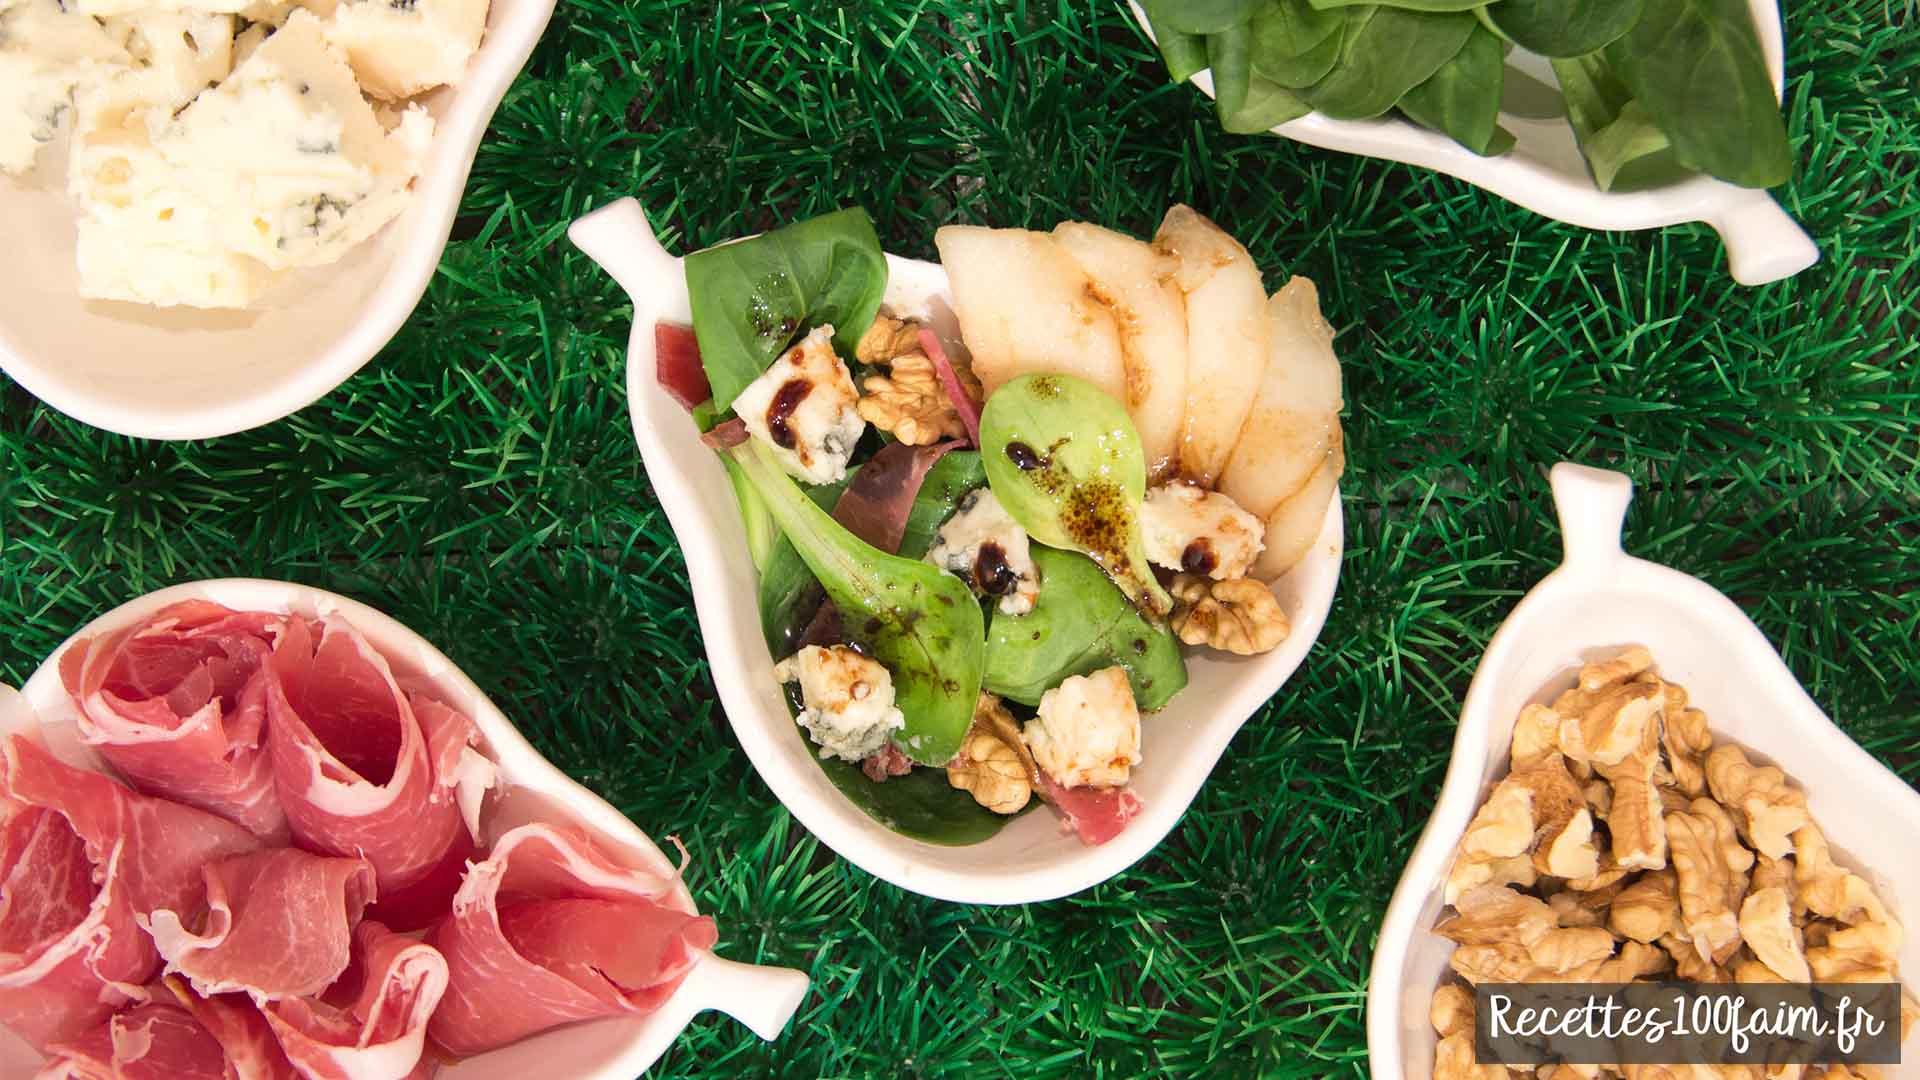 Recette salade poire roquefort noix